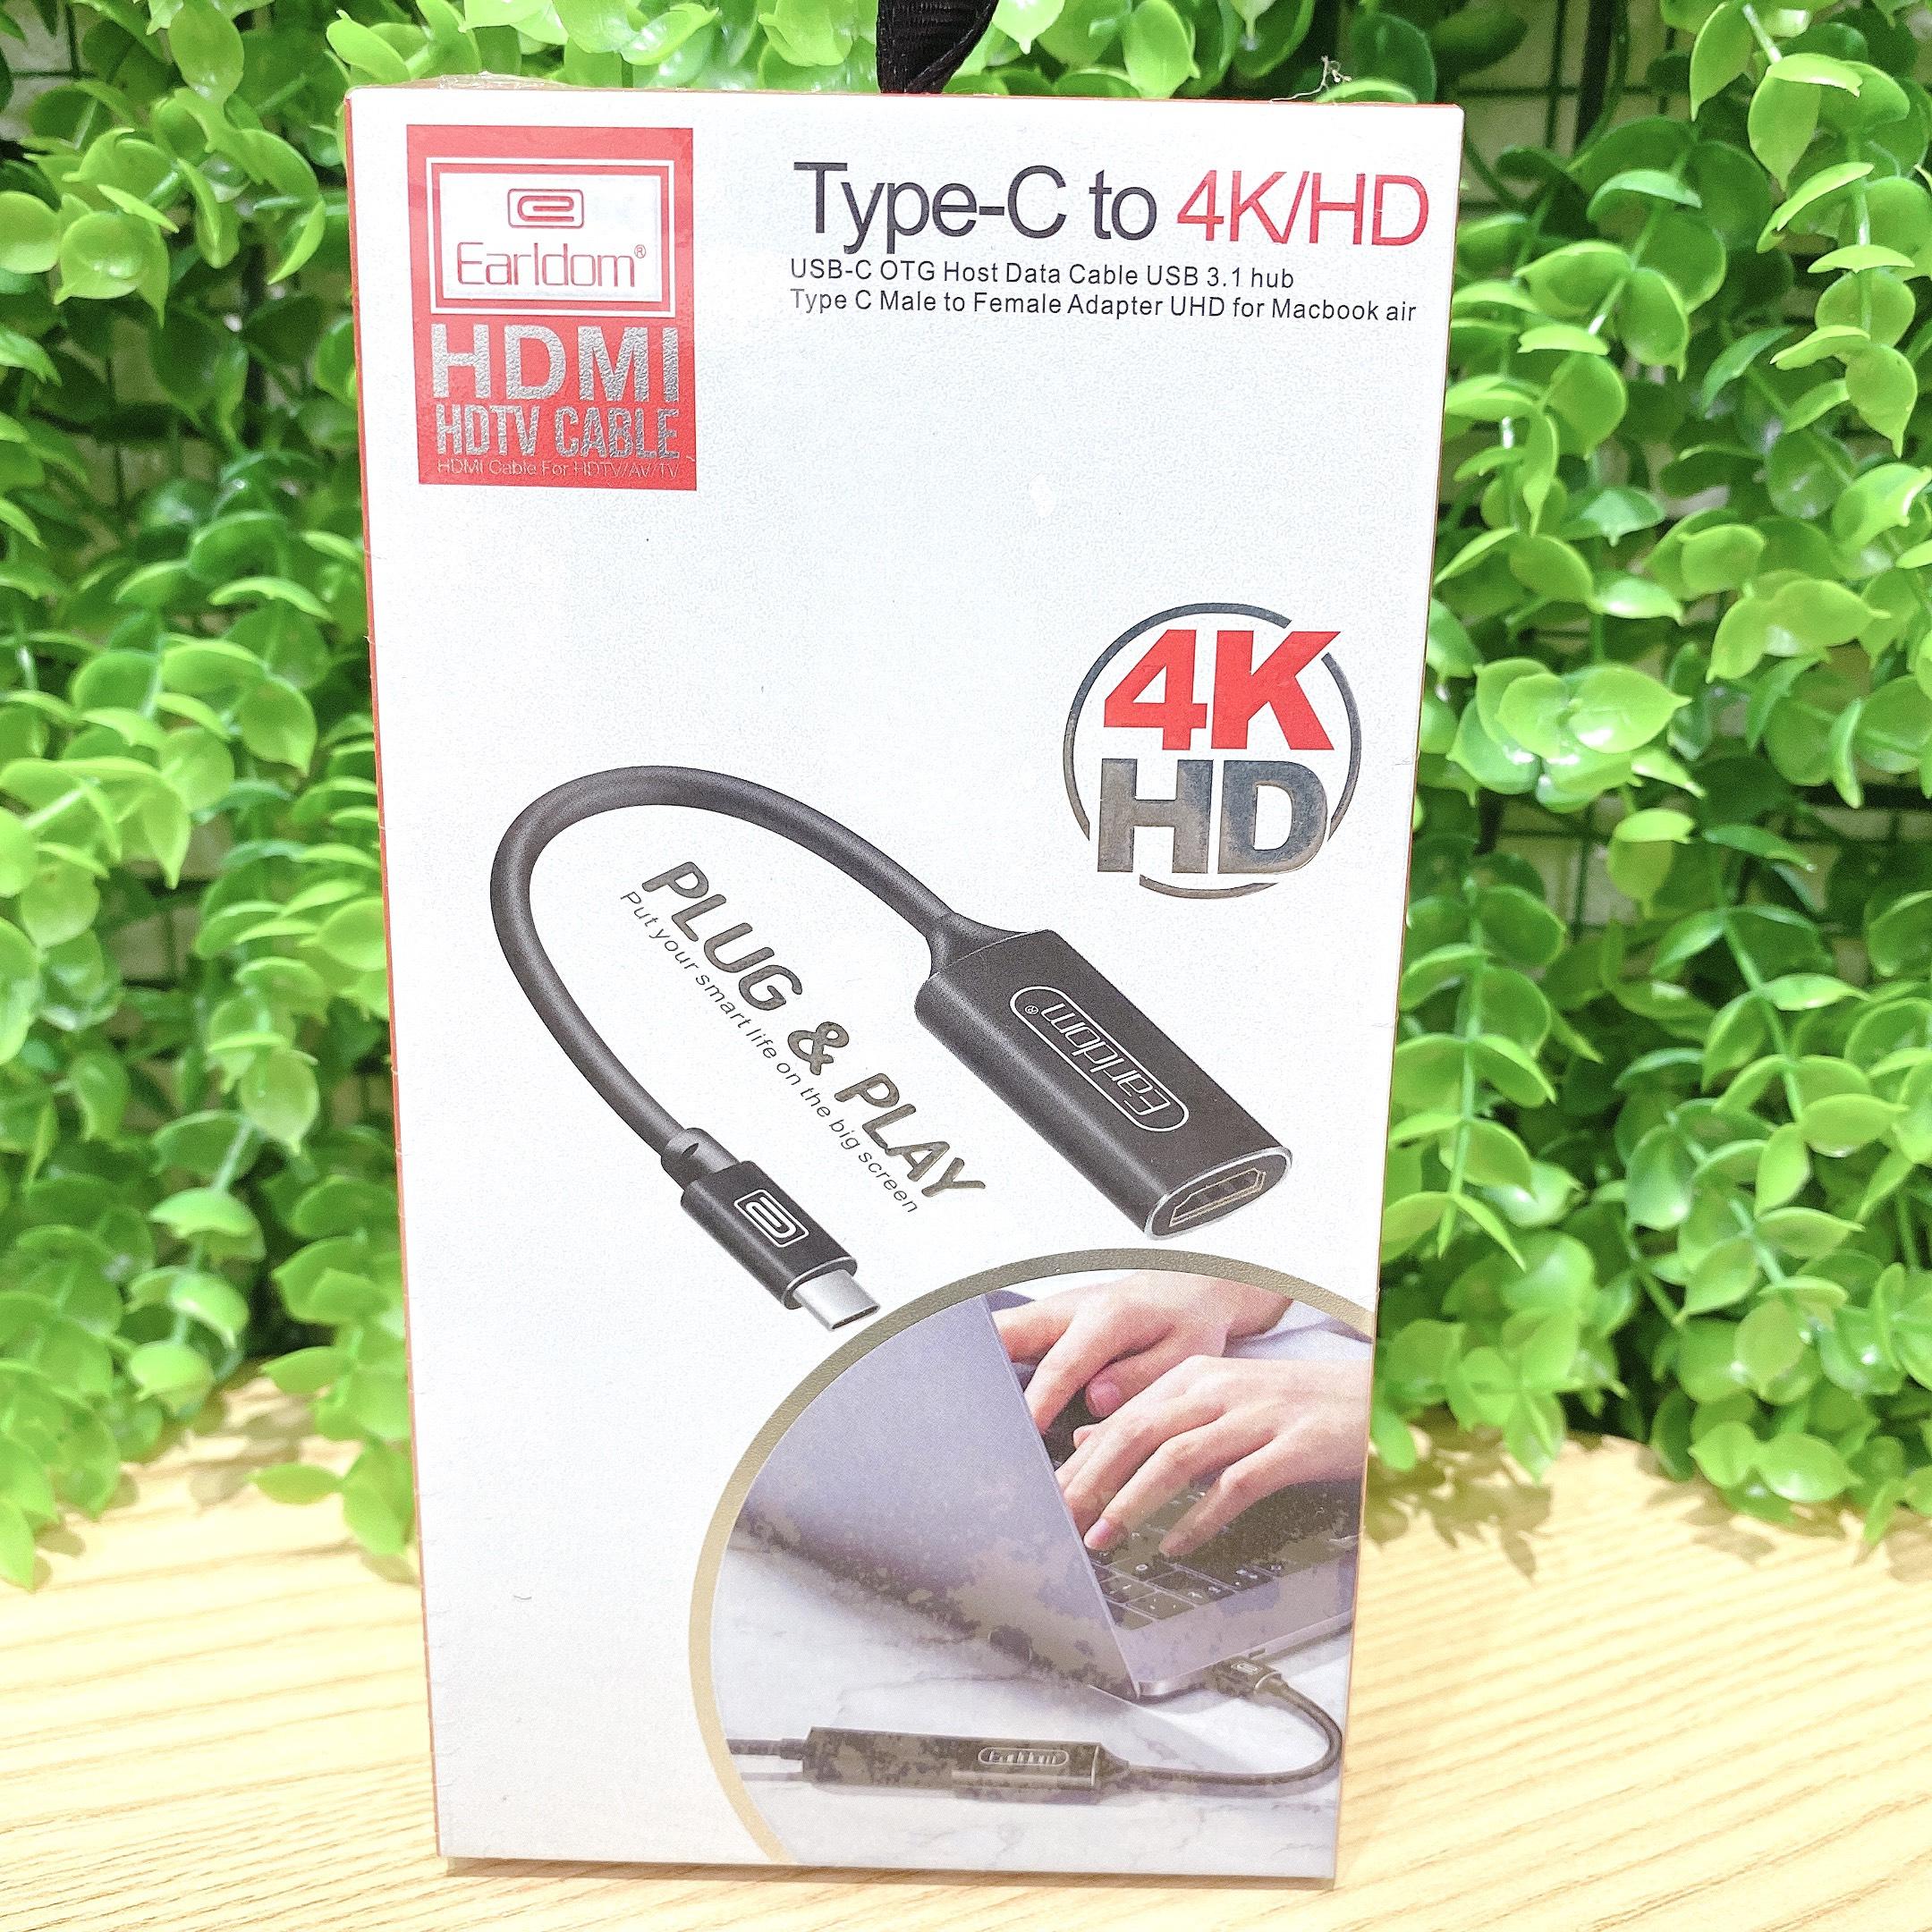 Jack Chuyển Đổi Từ Cổng TypeC Ra Cổng HDMI Earldom W11( Độ Phân Giải 4K) Giao màu ngẫu nhiên - Hàng chính hãng